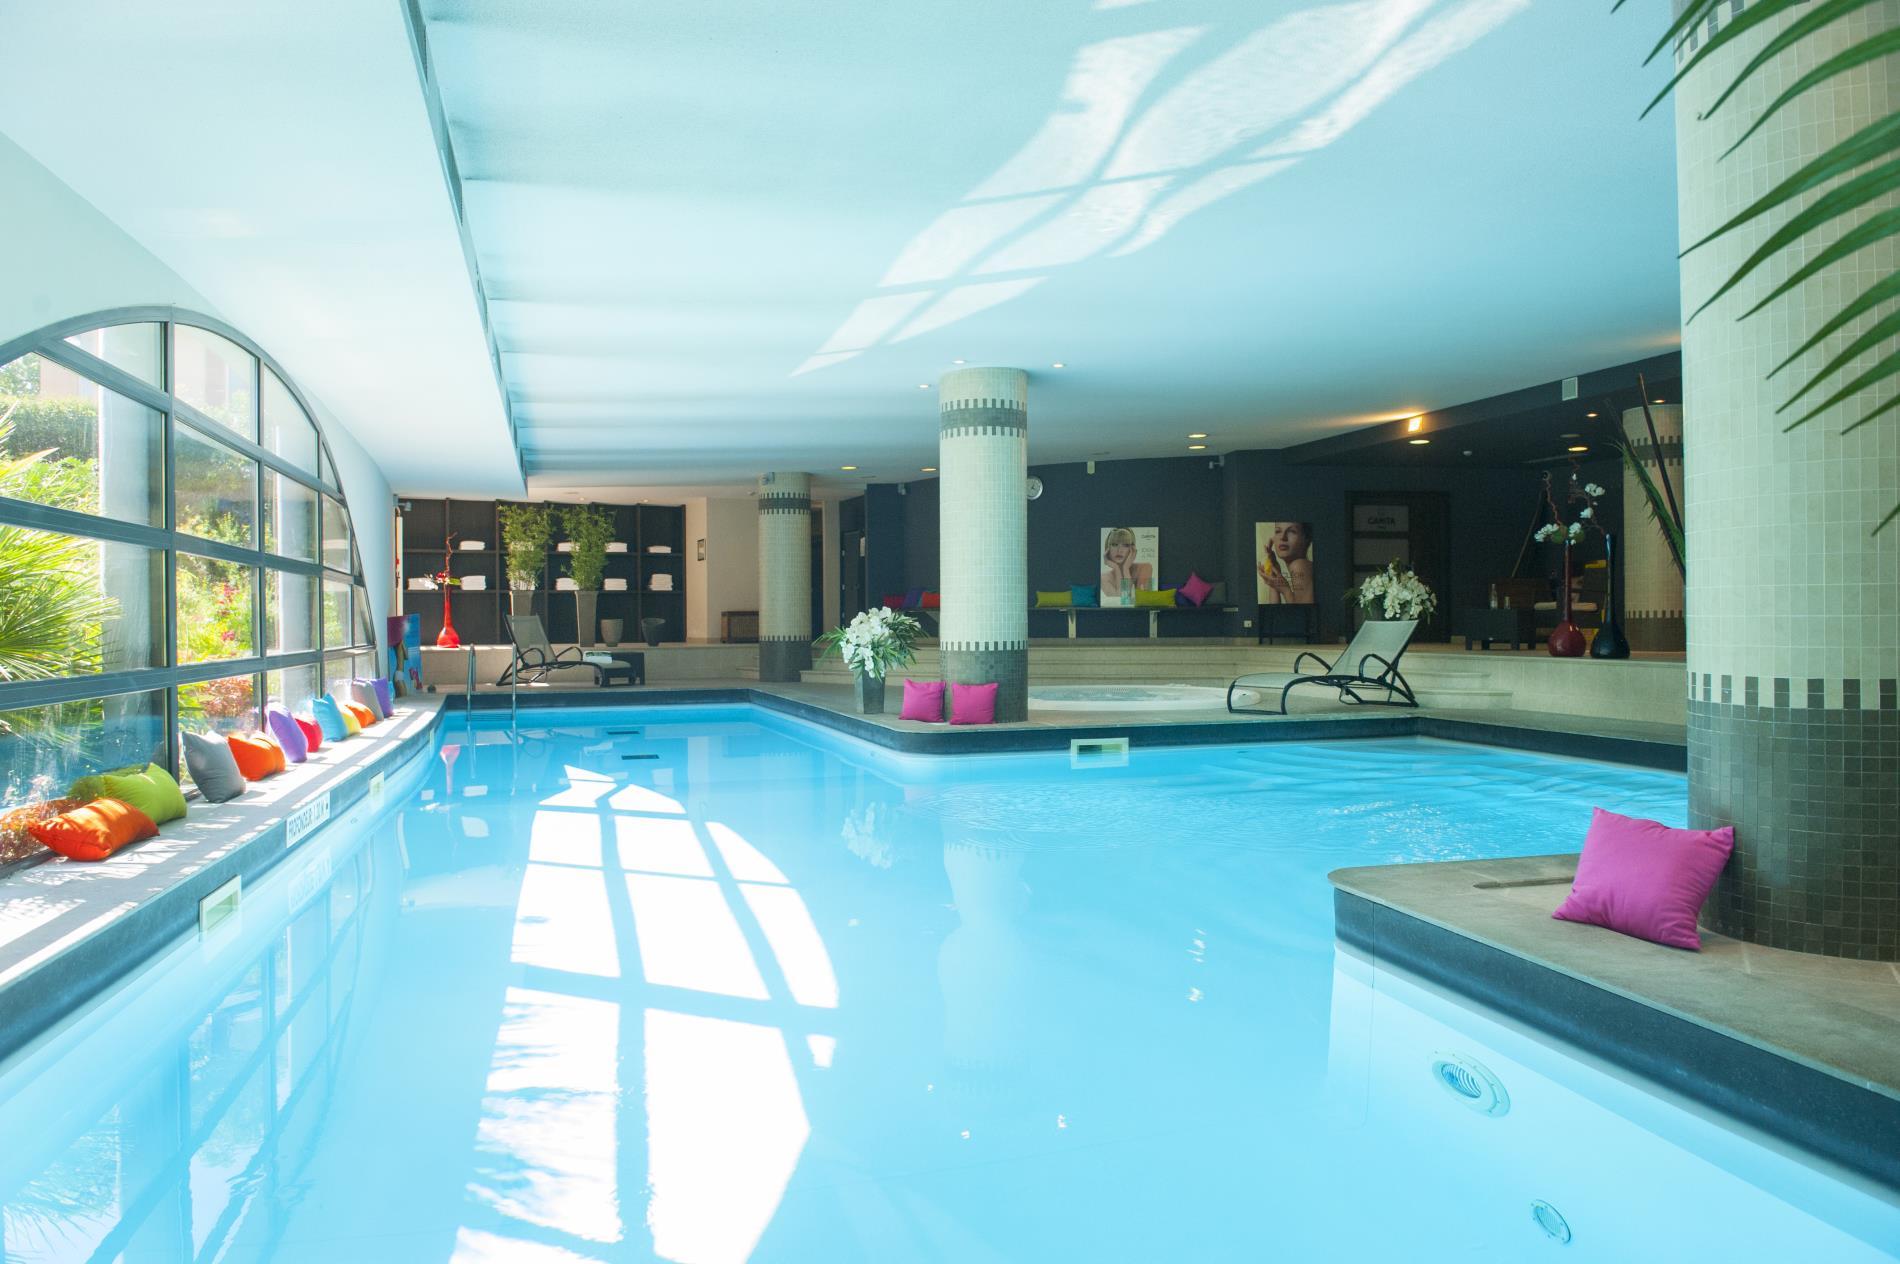 Spa Bambou - Hôtel Parc Beaumont, offres spéciales